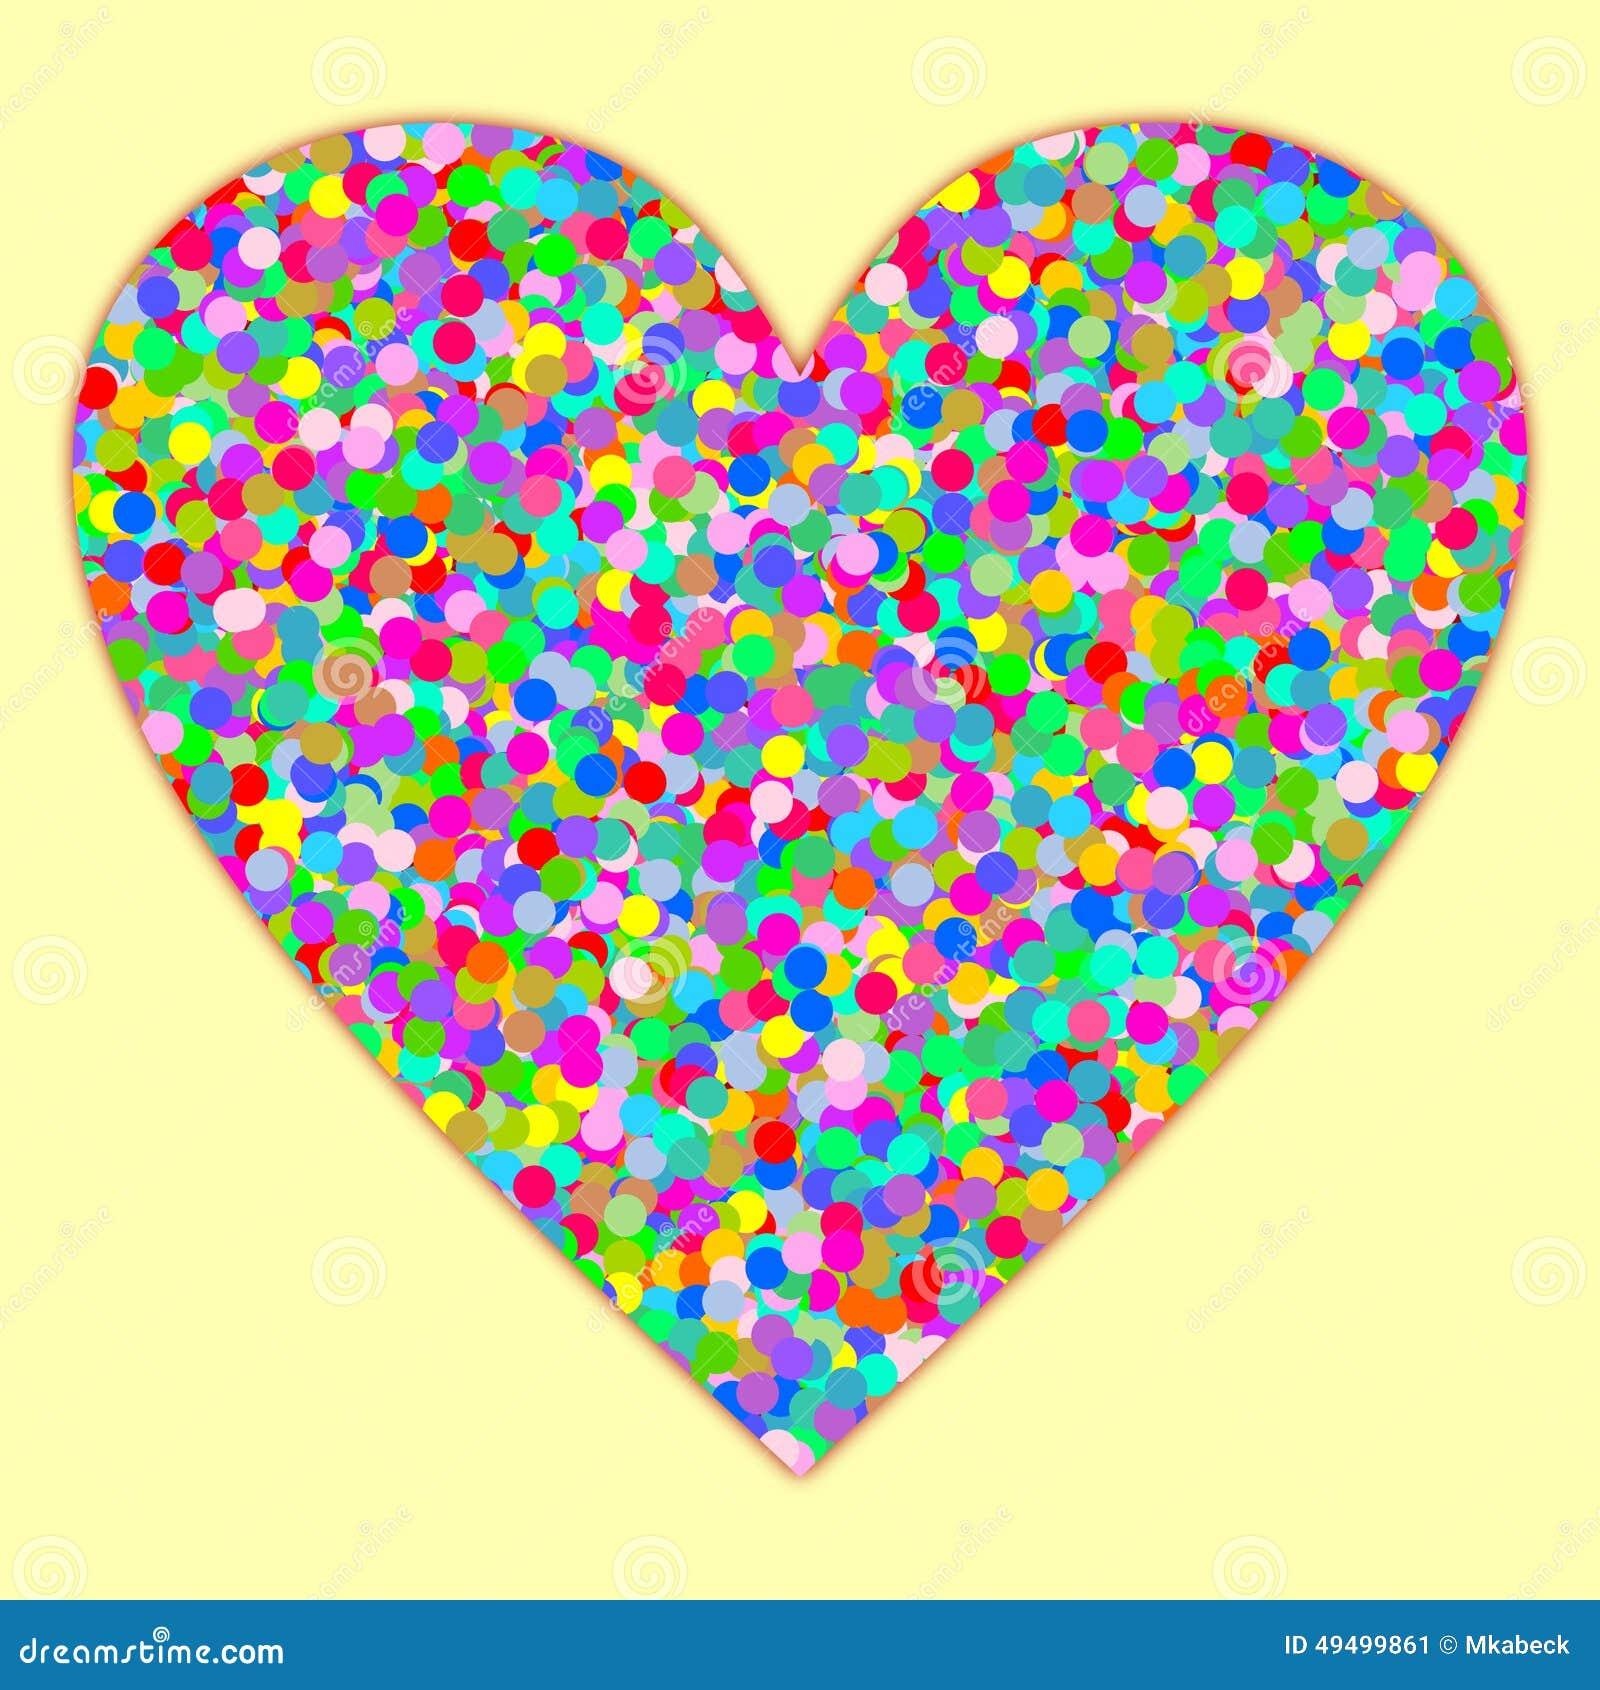 Ein Herz gefüllt mit Konfettis auf hellgelbem